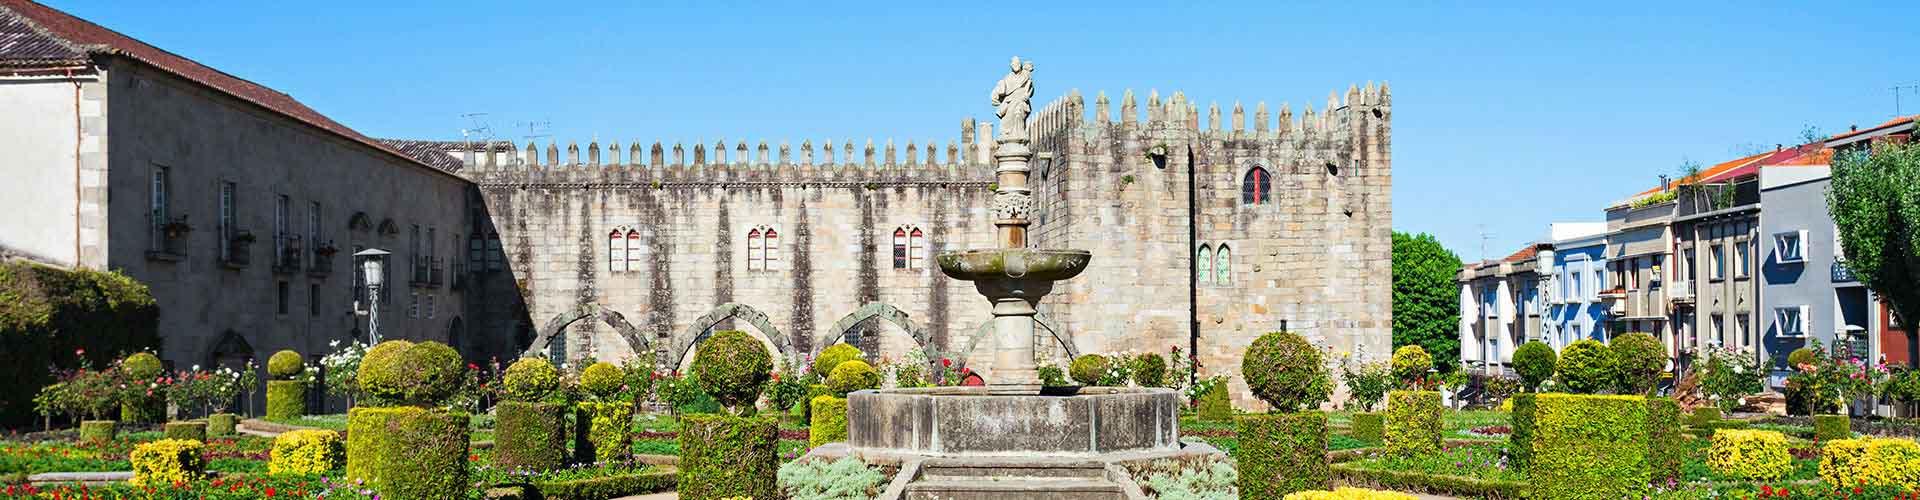 Braga - Hôtels à Braga. Cartes pour Braga, photos et commentaires pour chaque hôtel à Braga.